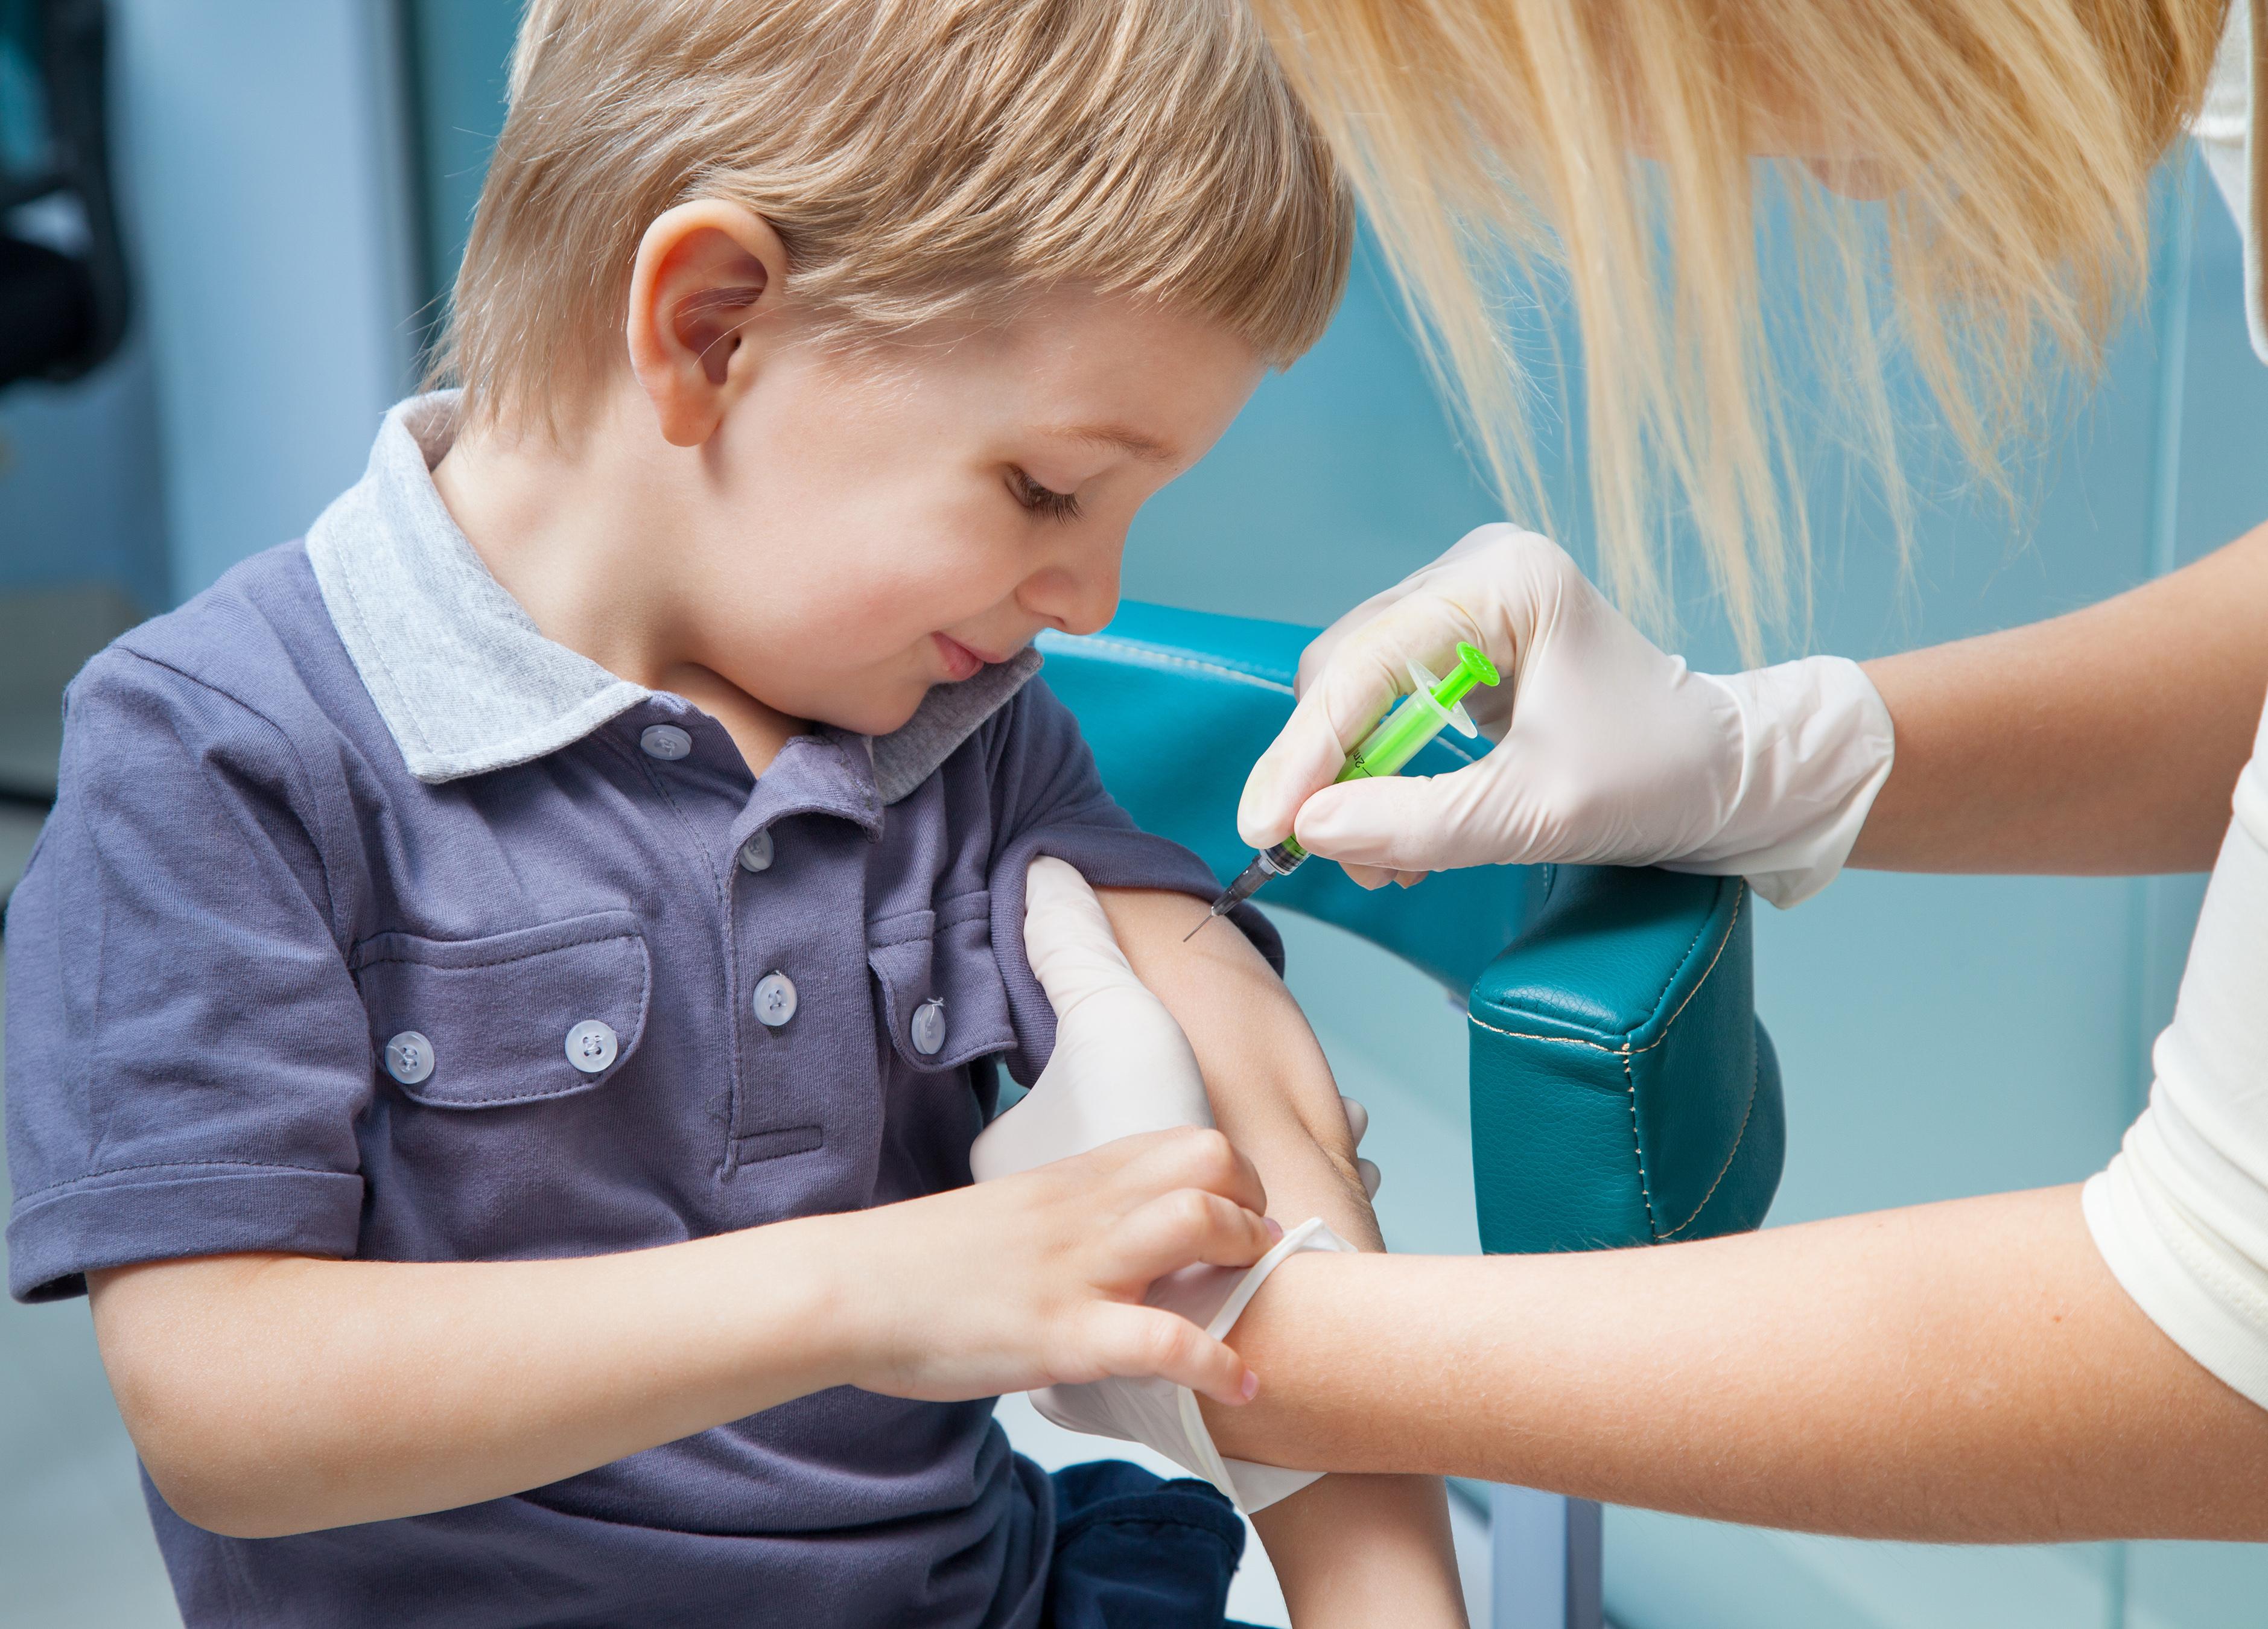 Genom att informera och lyssna till barnet kan man hjälpa många barn att komma över sin rädsla för nålstick i vården.